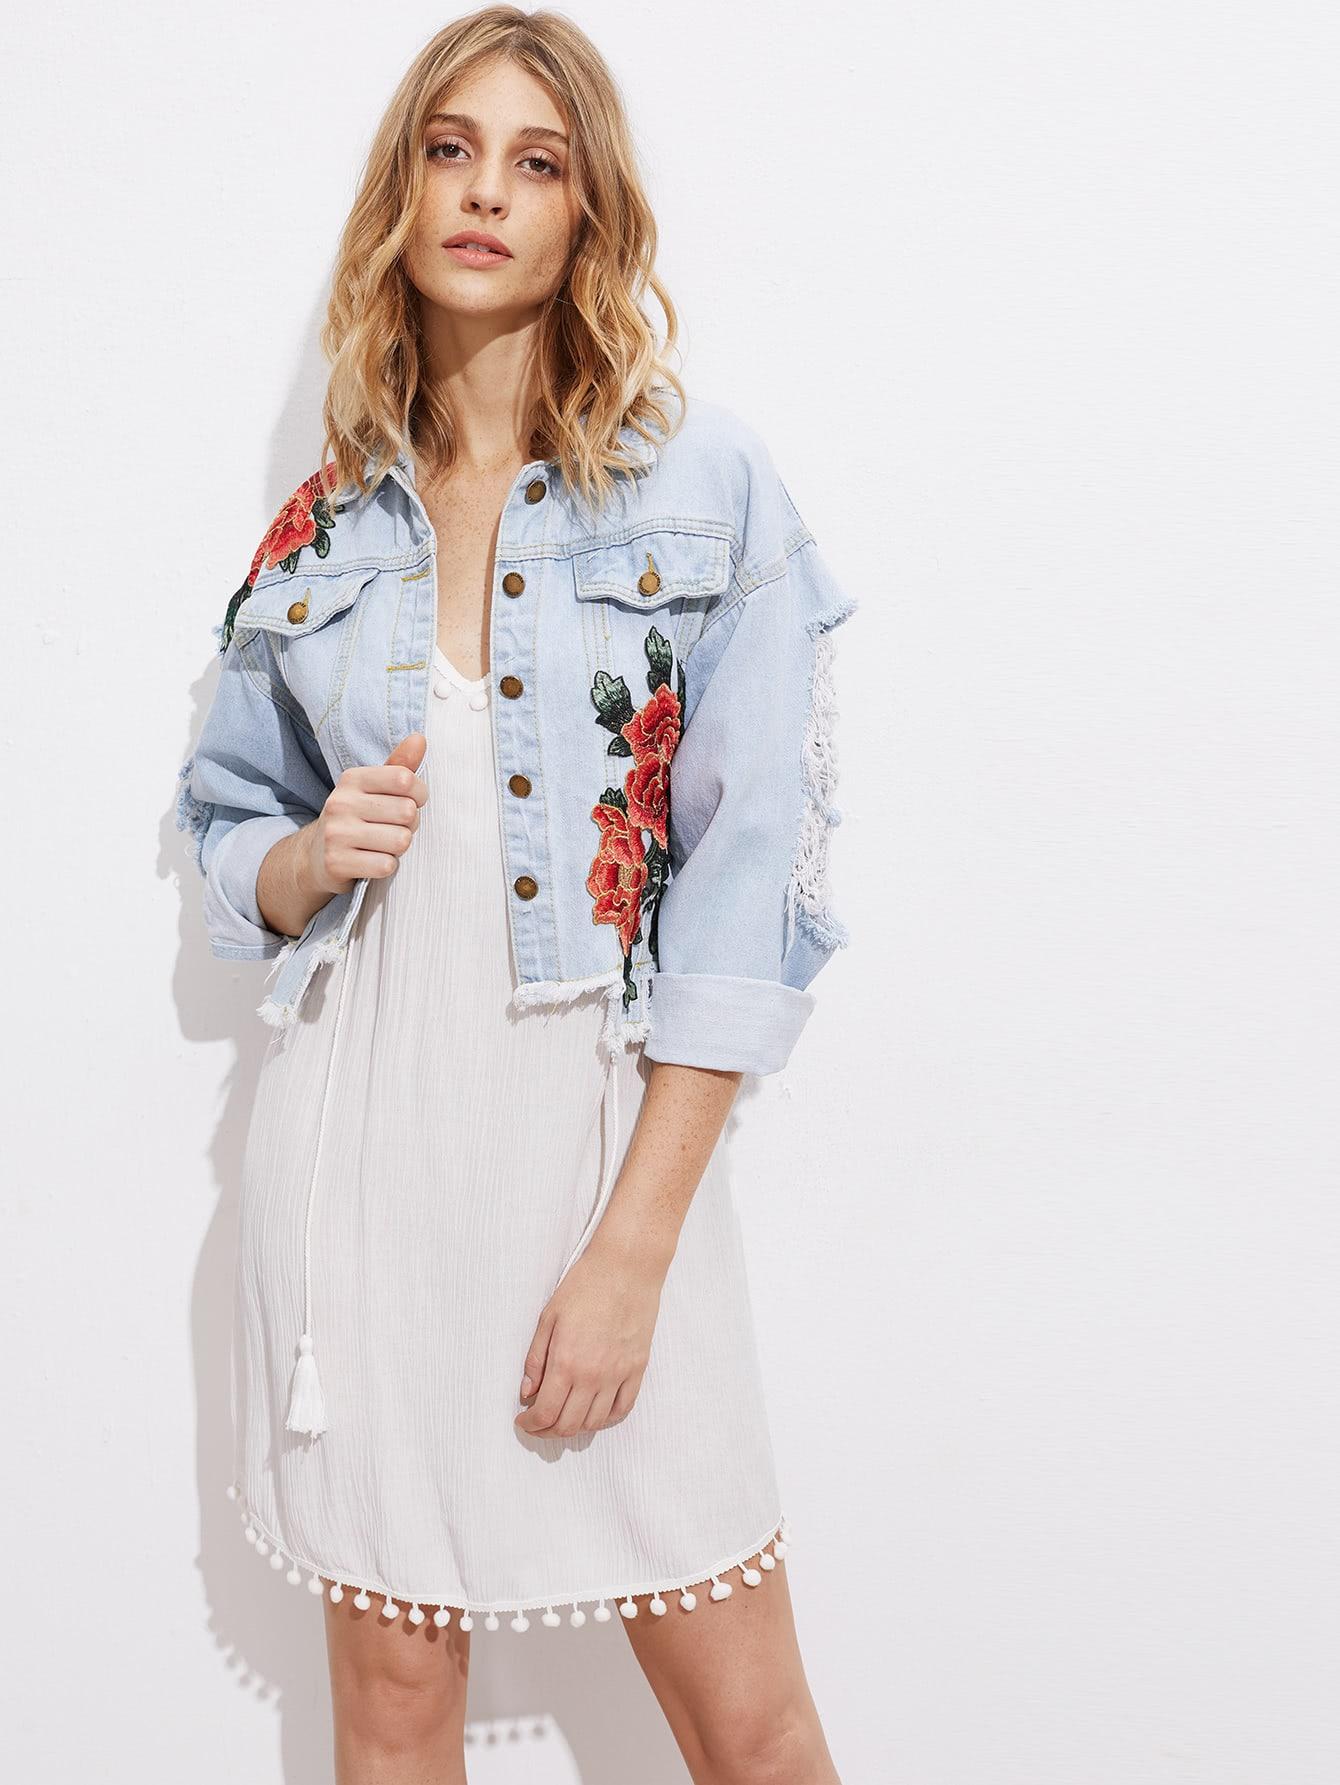 Embroidered Appliques Drop Shoulder Distressed Denim Jacket